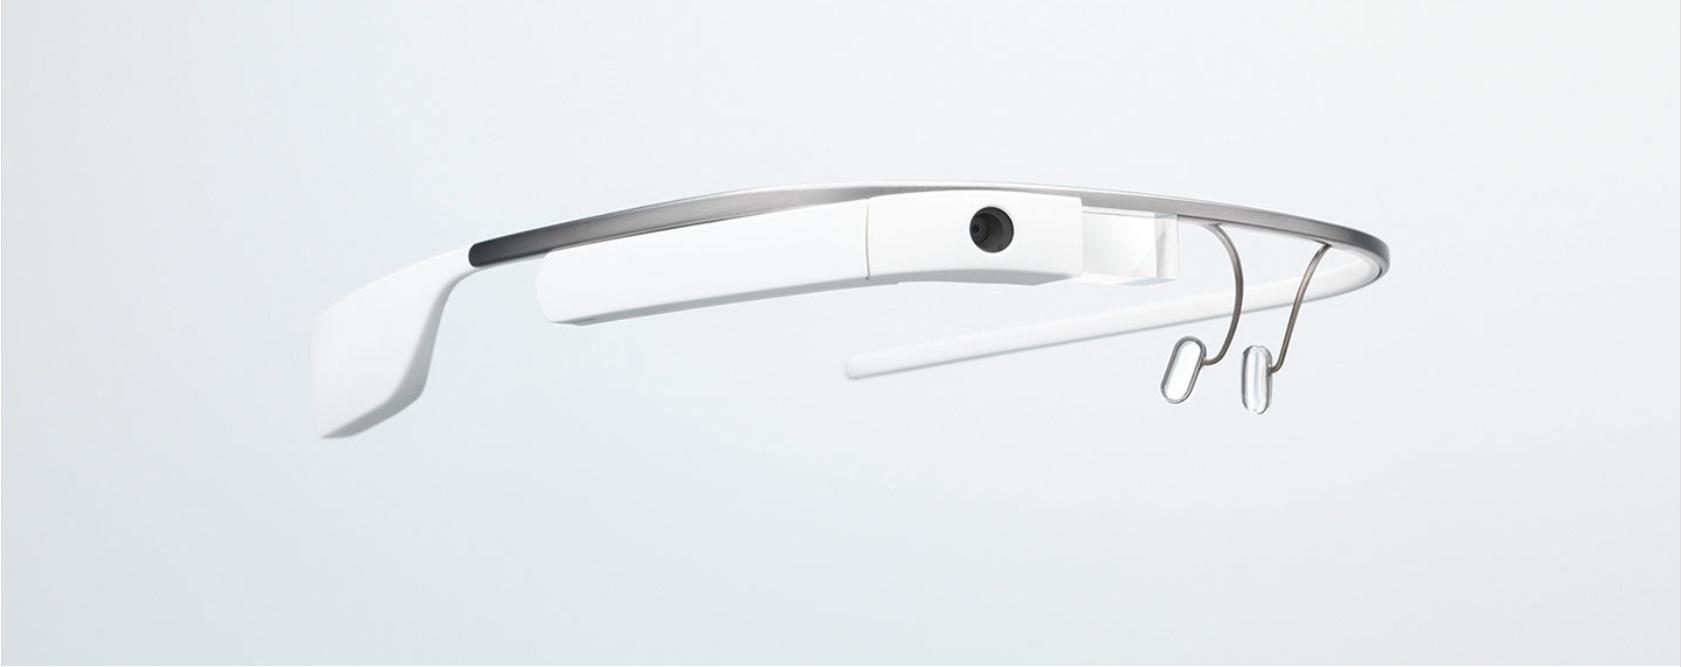 """Quellcode für Google Glass: """"Macht was Verrücktes damit"""" - Google Glass"""